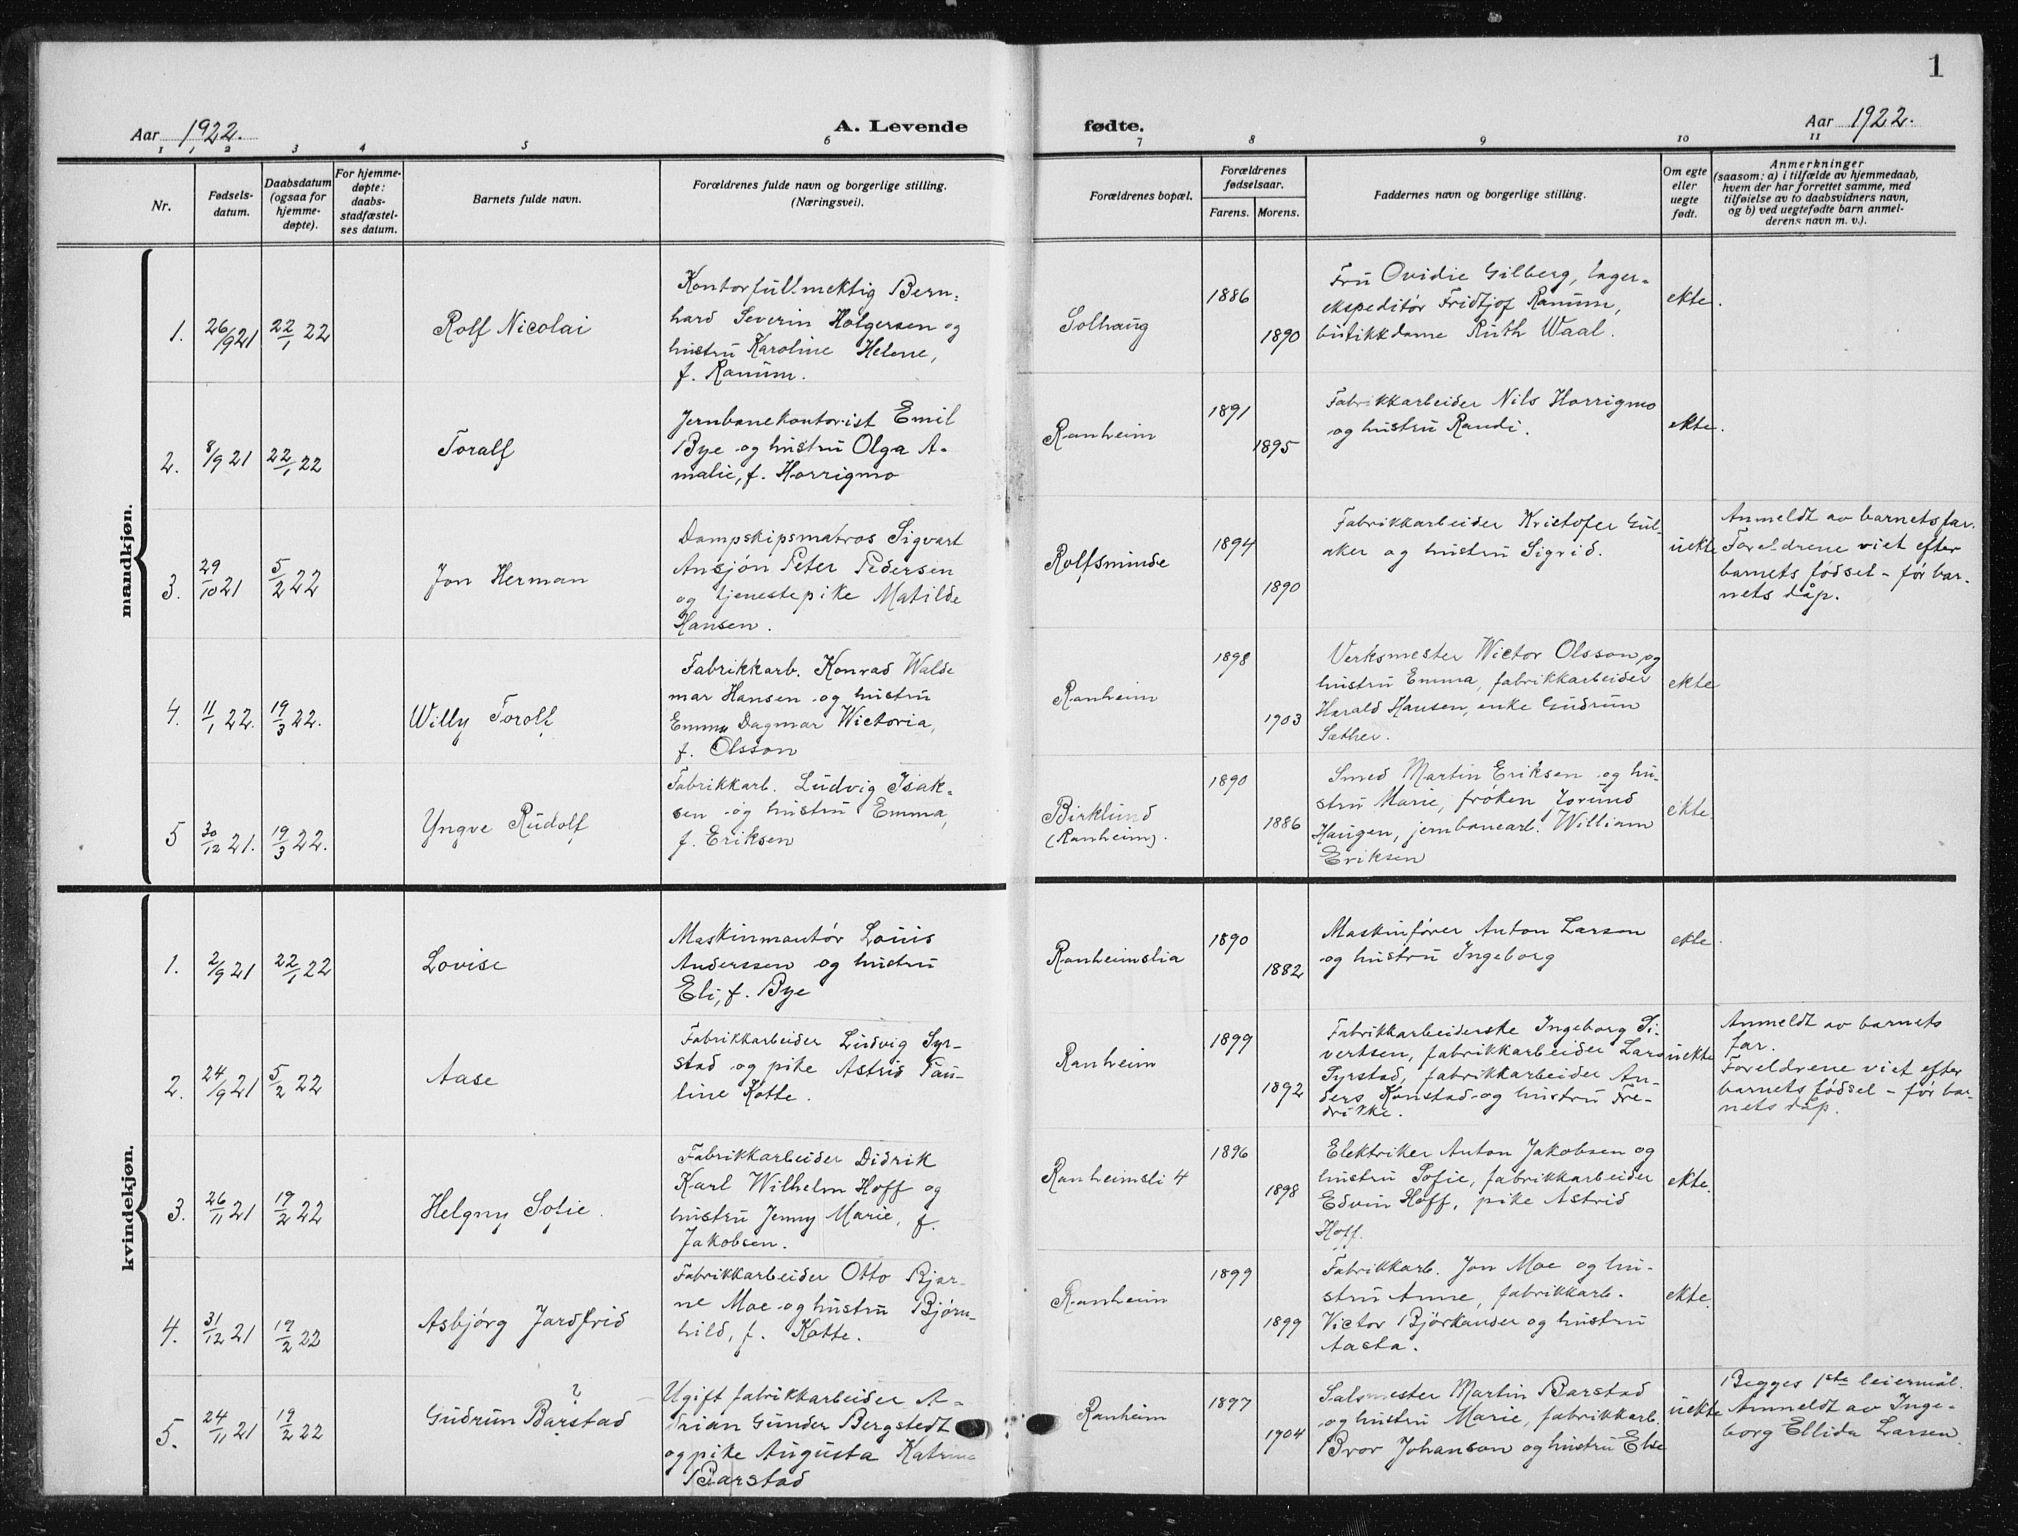 SAT, Ministerialprotokoller, klokkerbøker og fødselsregistre - Sør-Trøndelag, 615/L0401: Klokkerbok nr. 615C02, 1922-1941, s. 1